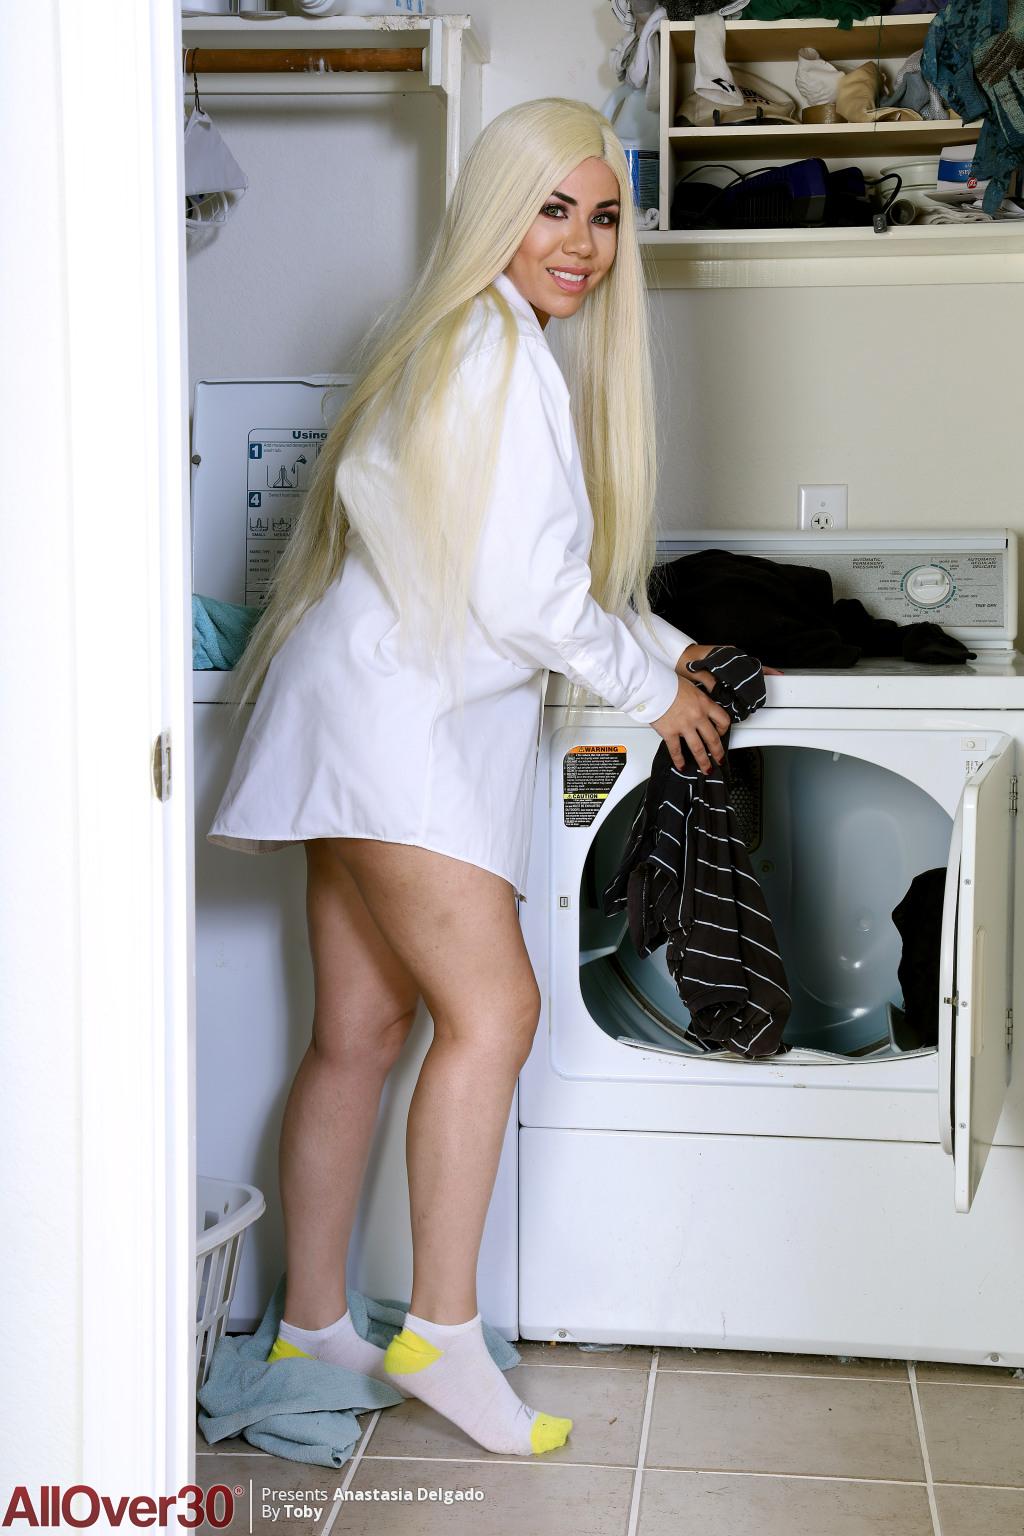 Anastasia Delgado from AllOver30